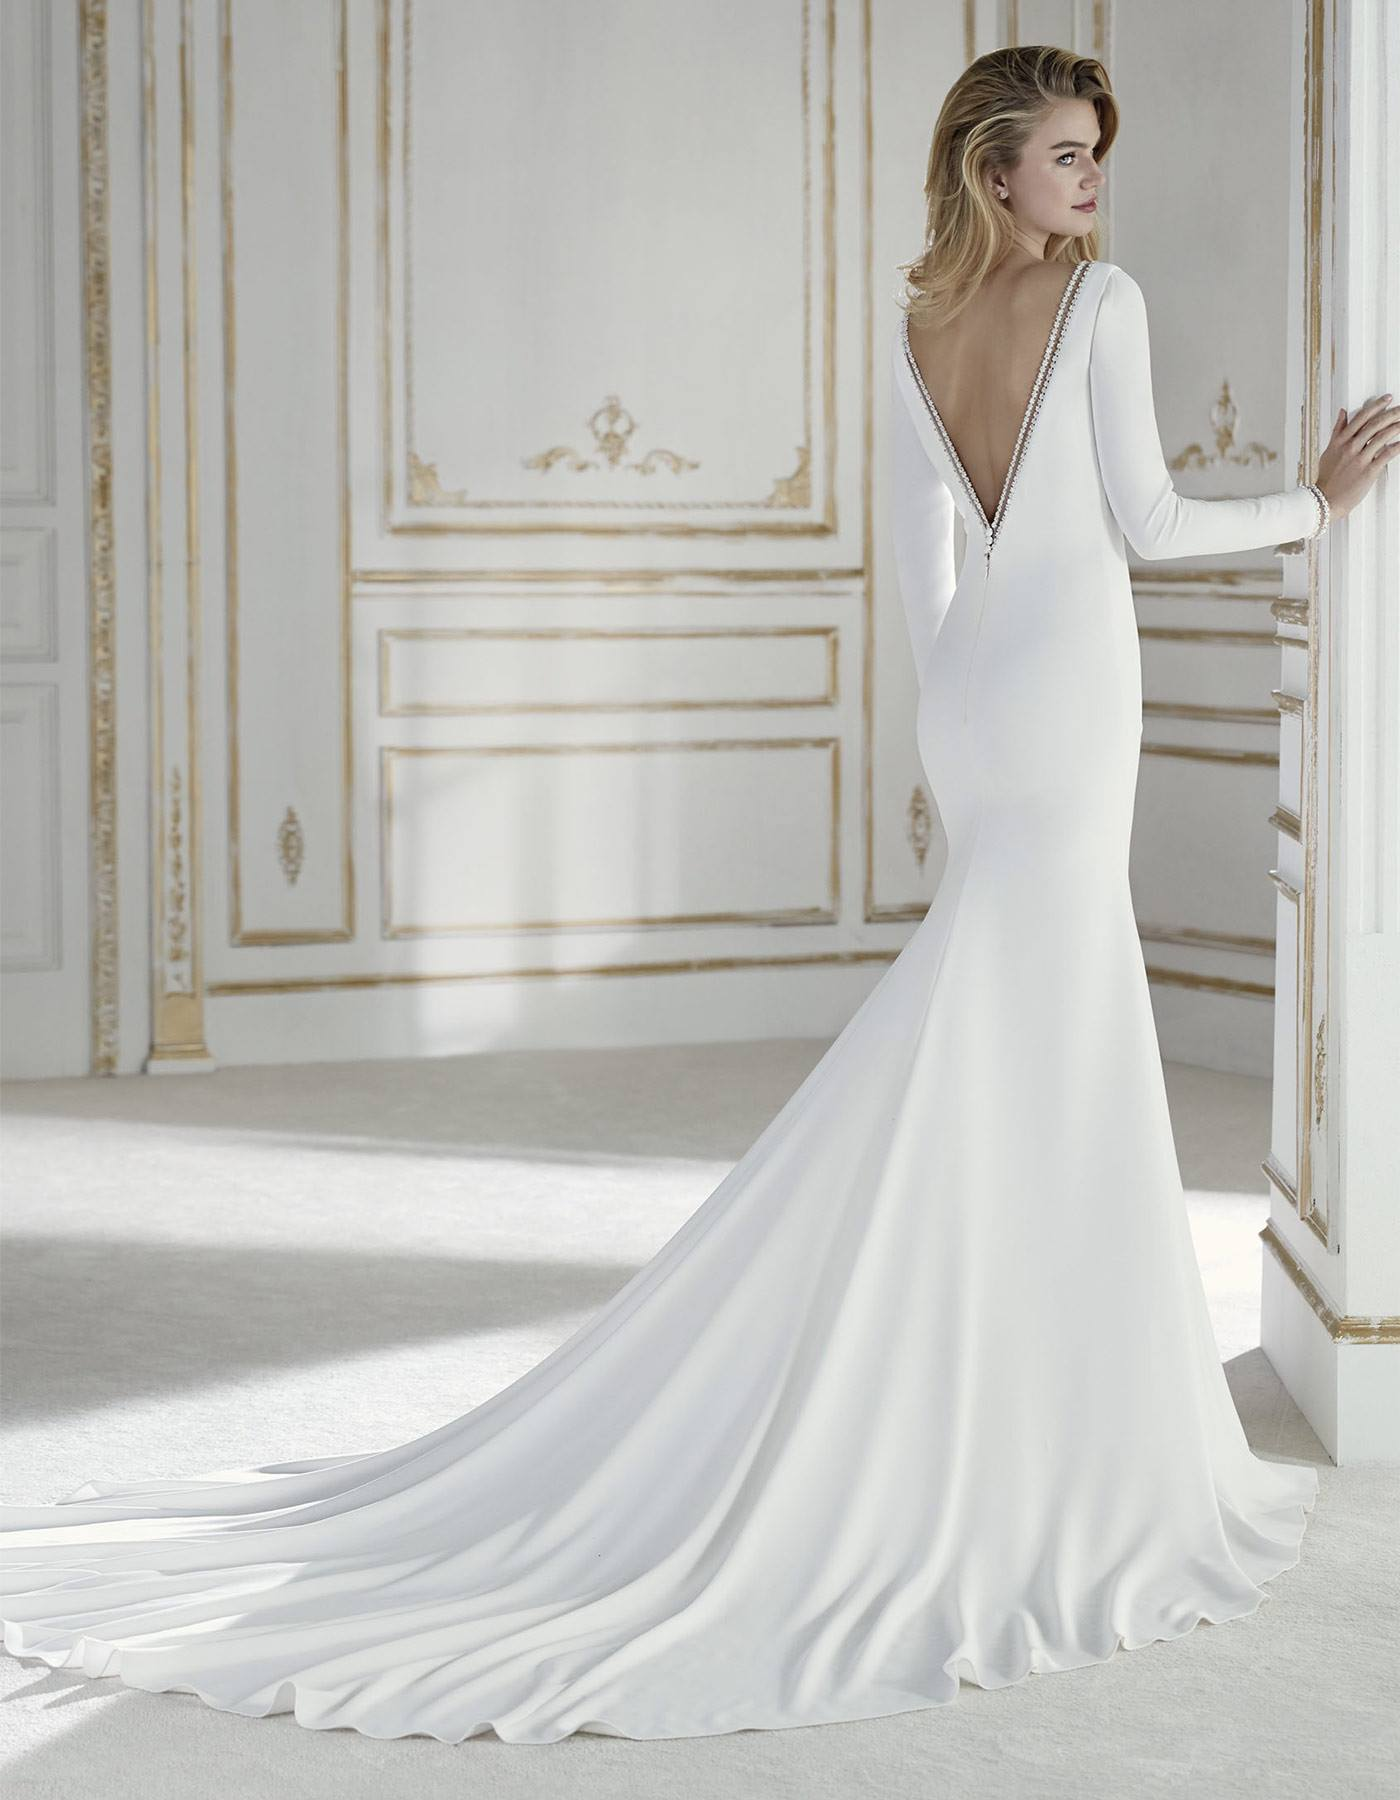 La Sposa by Pronovias Palas  Retail Price $1725 | Our Price $1208